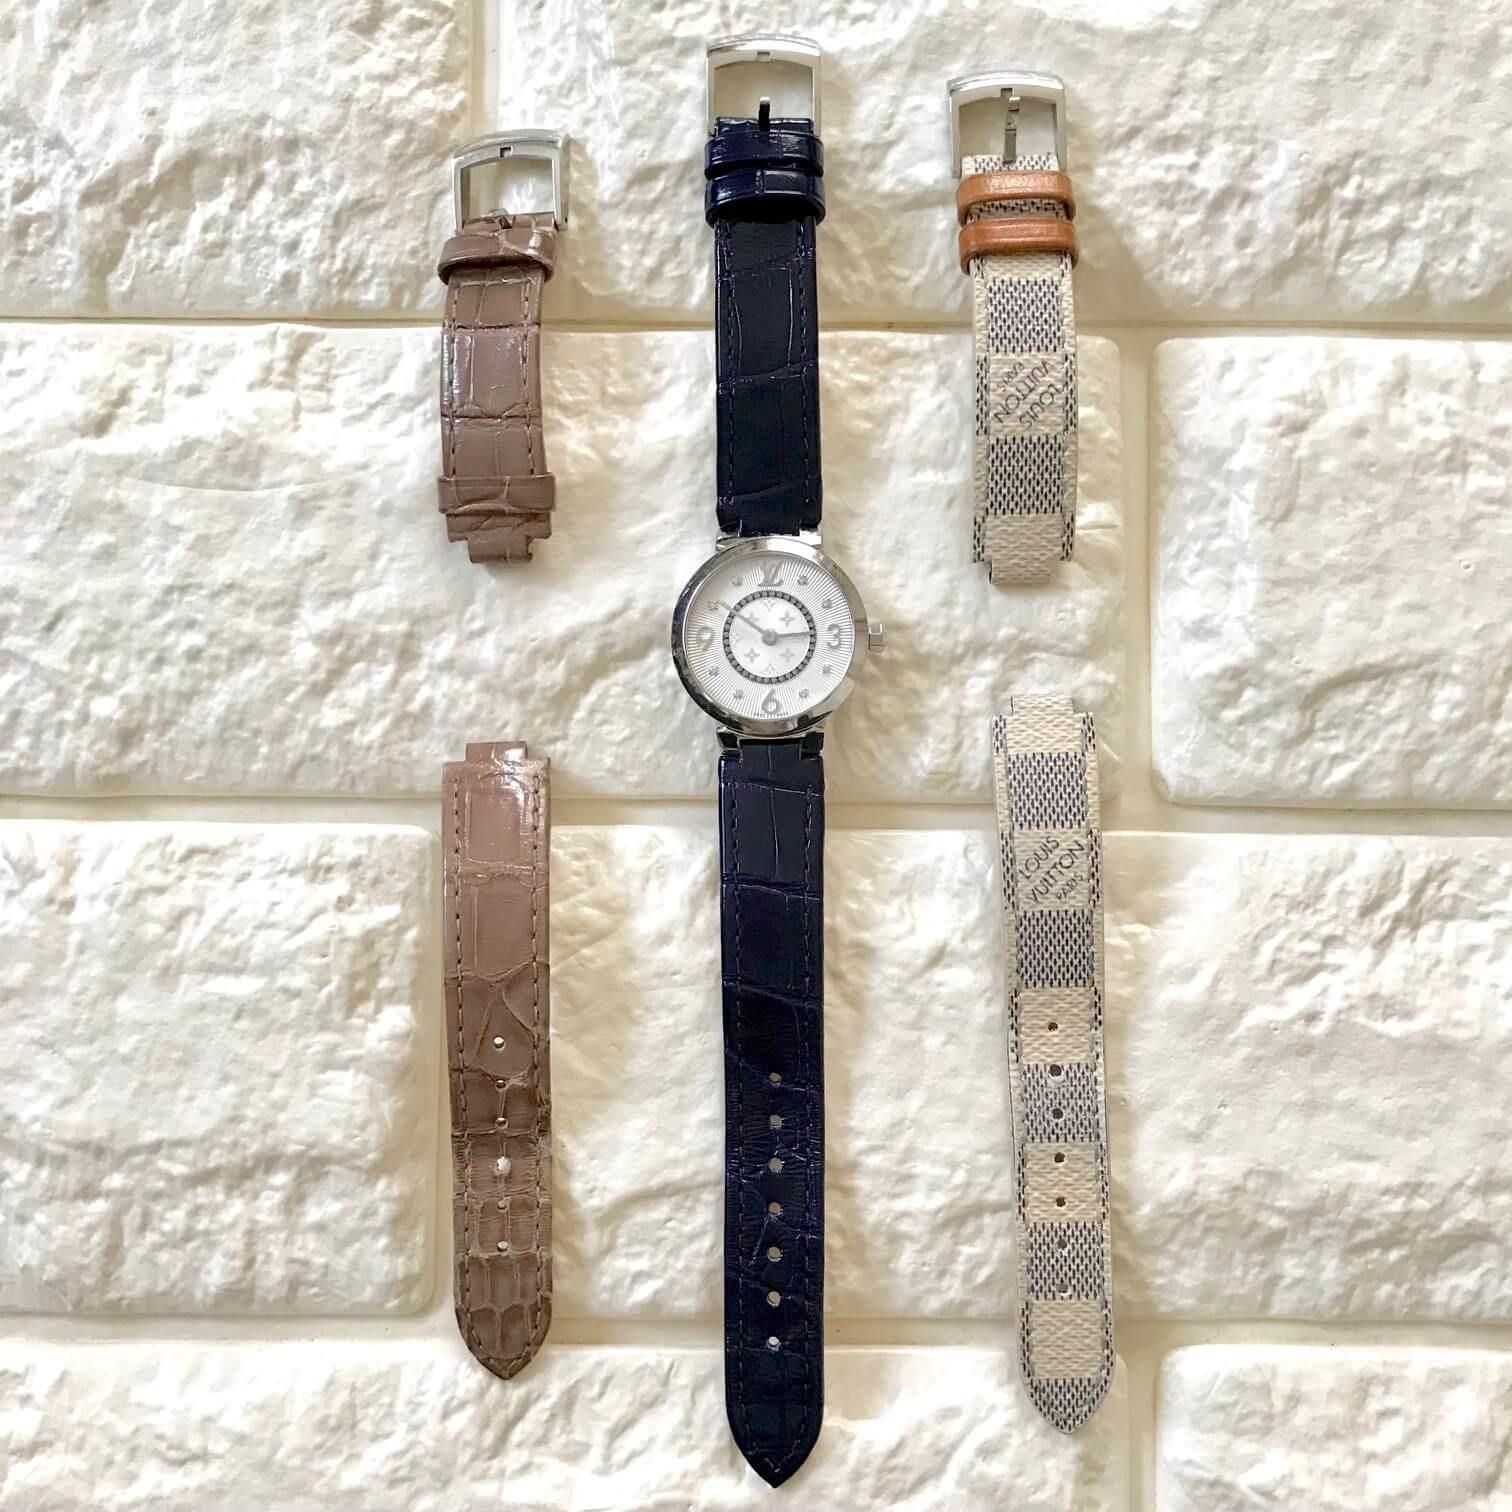 ルイヴィトンの時計とストラップを並べた画像